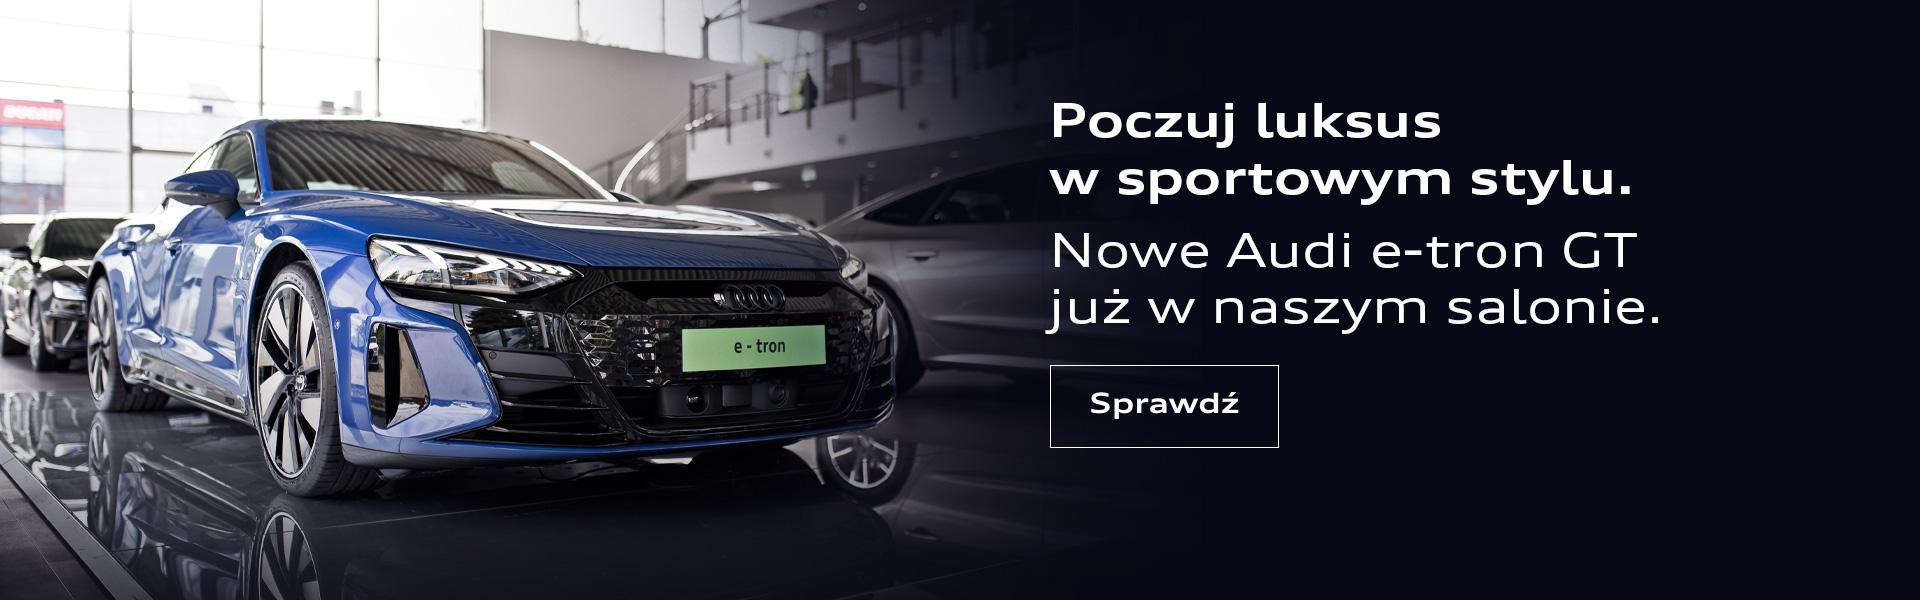 Audi GT E-tron